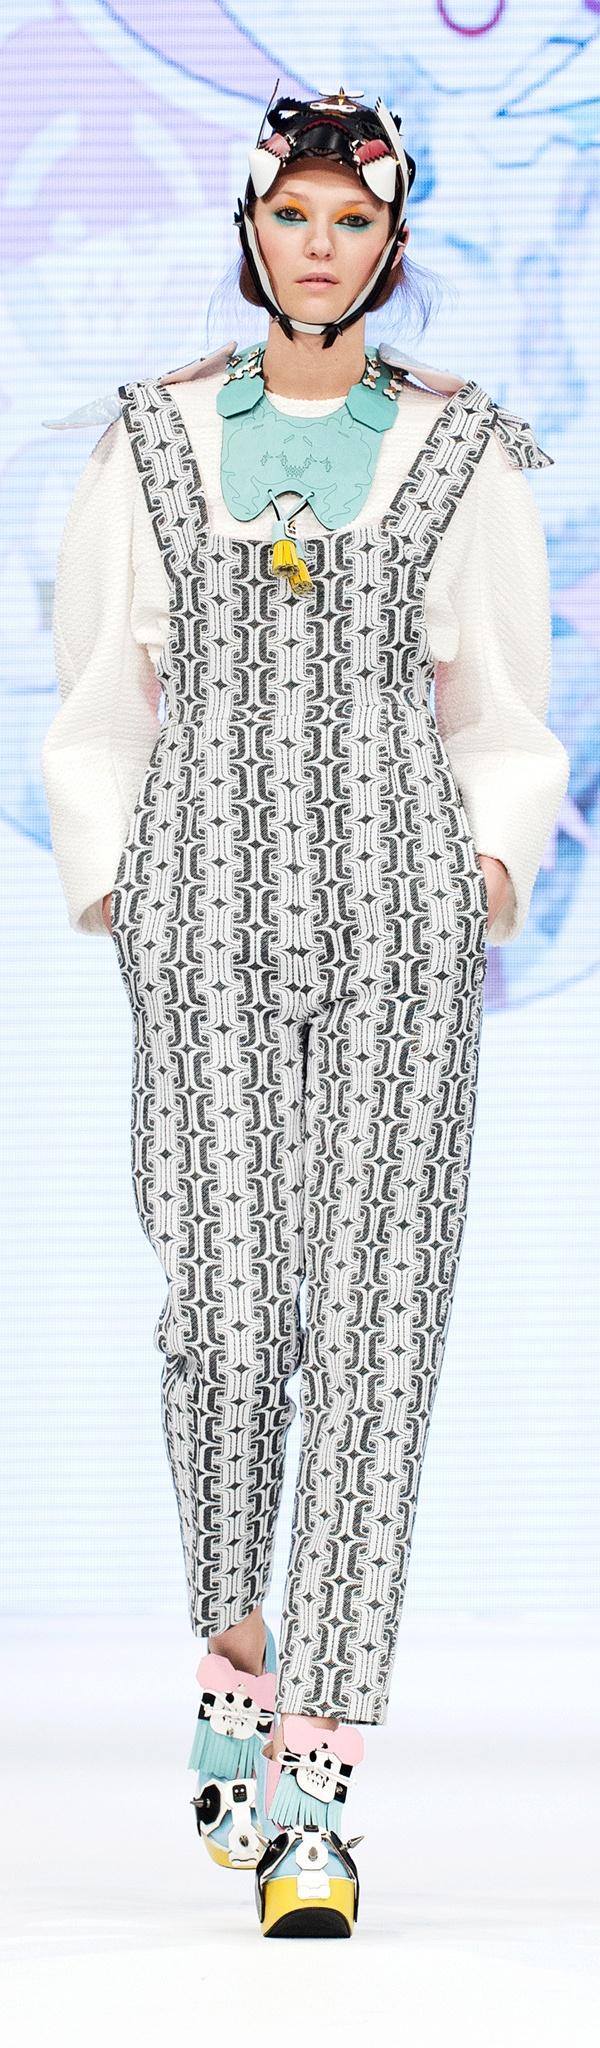 Minju Kim - H Design Award  Stockholm Fashion Week